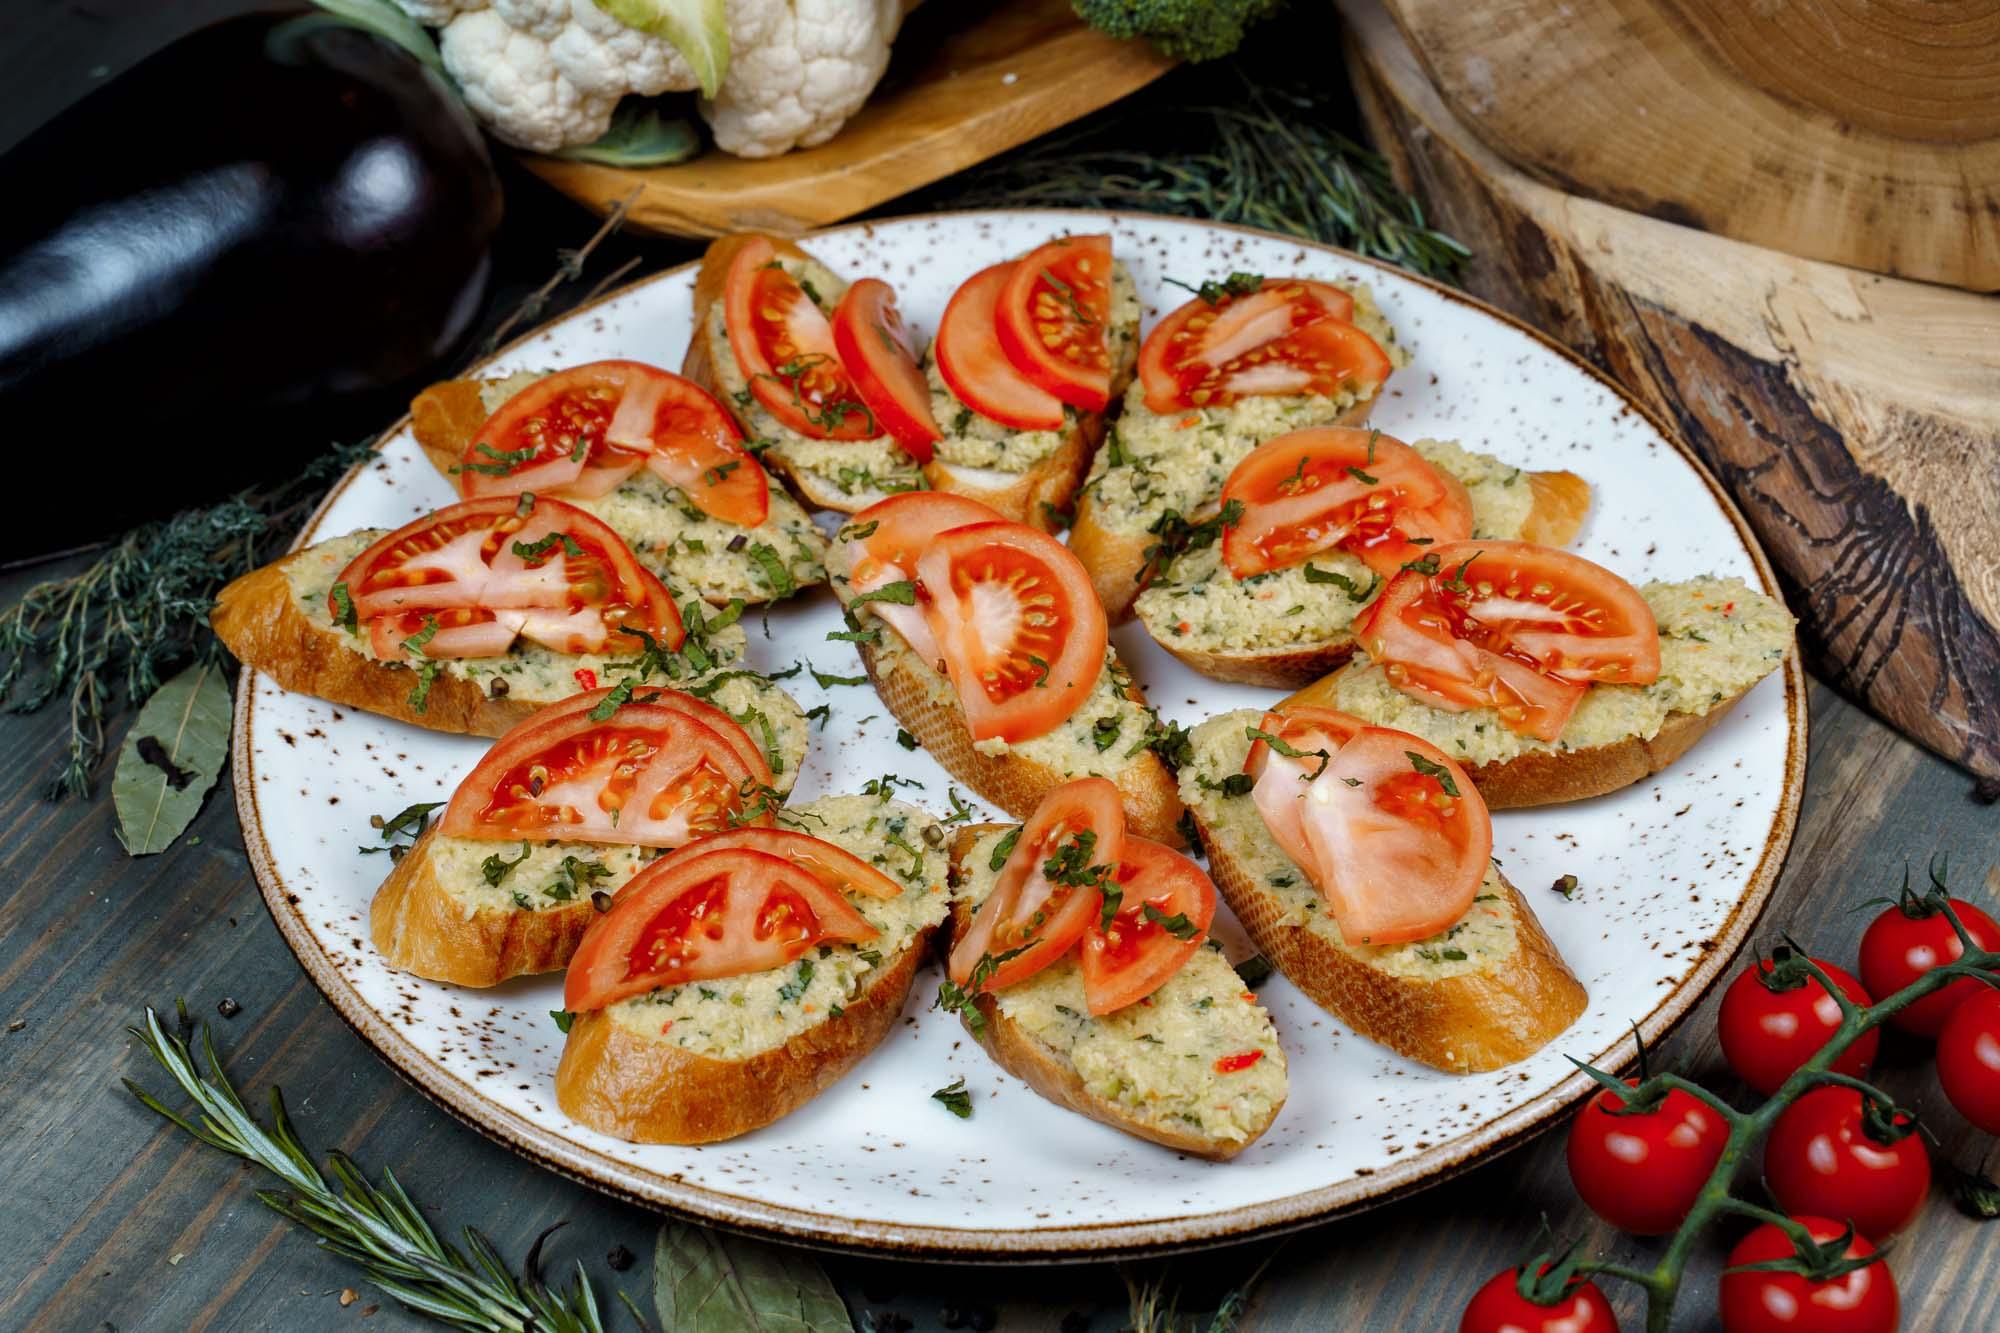 СЕТ №39 Брускетта томатами и гуакамоле 12 шт по 40 гр